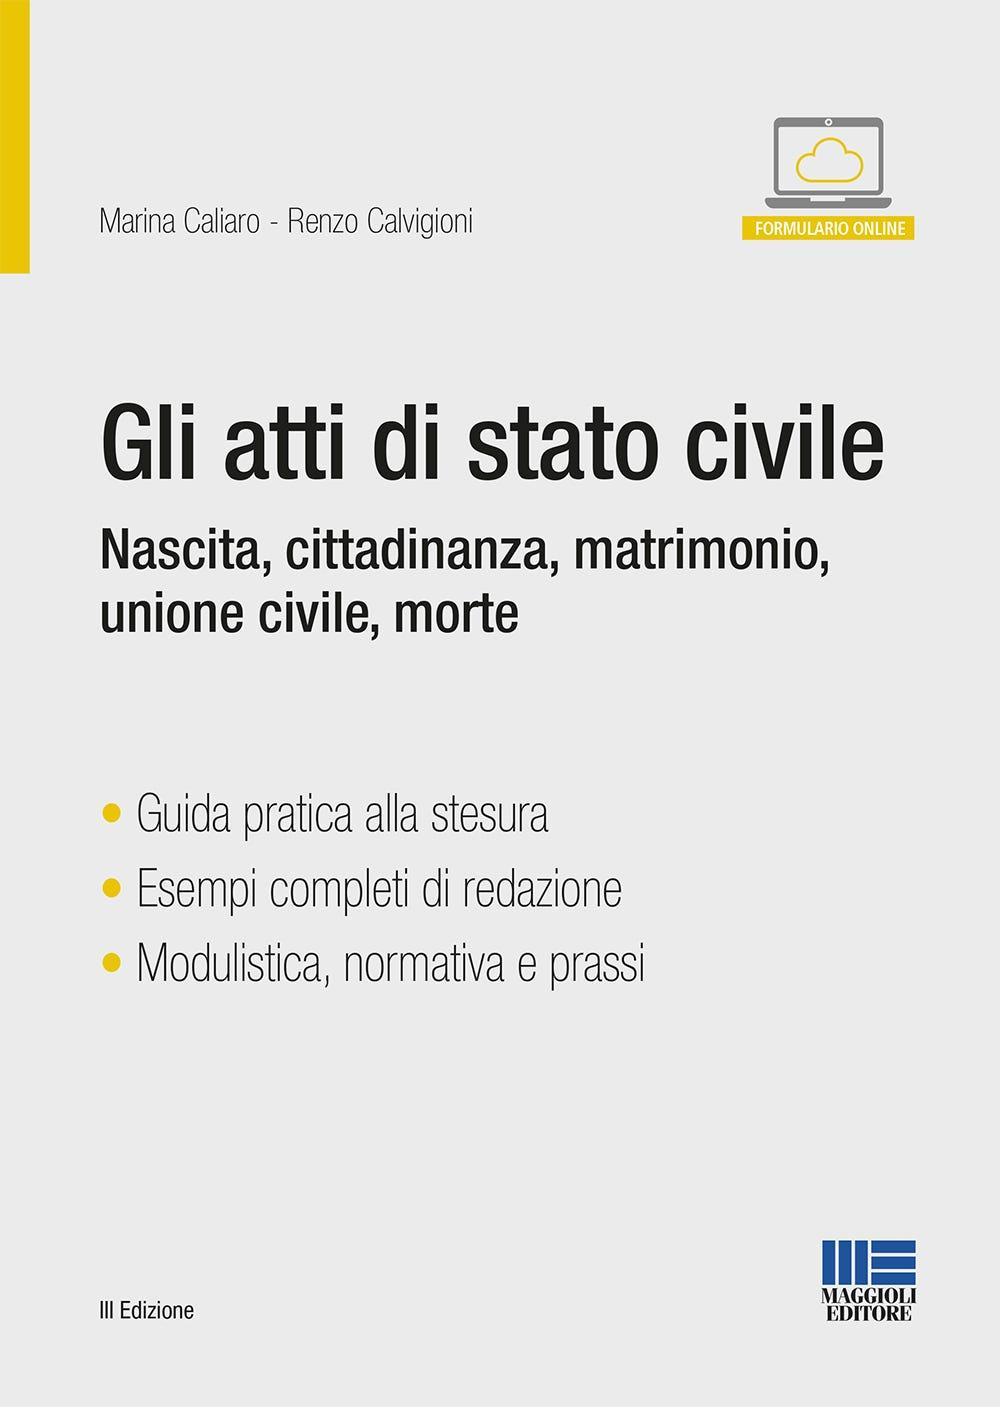 Gli atti di stato civile - Nuova edizione 2020